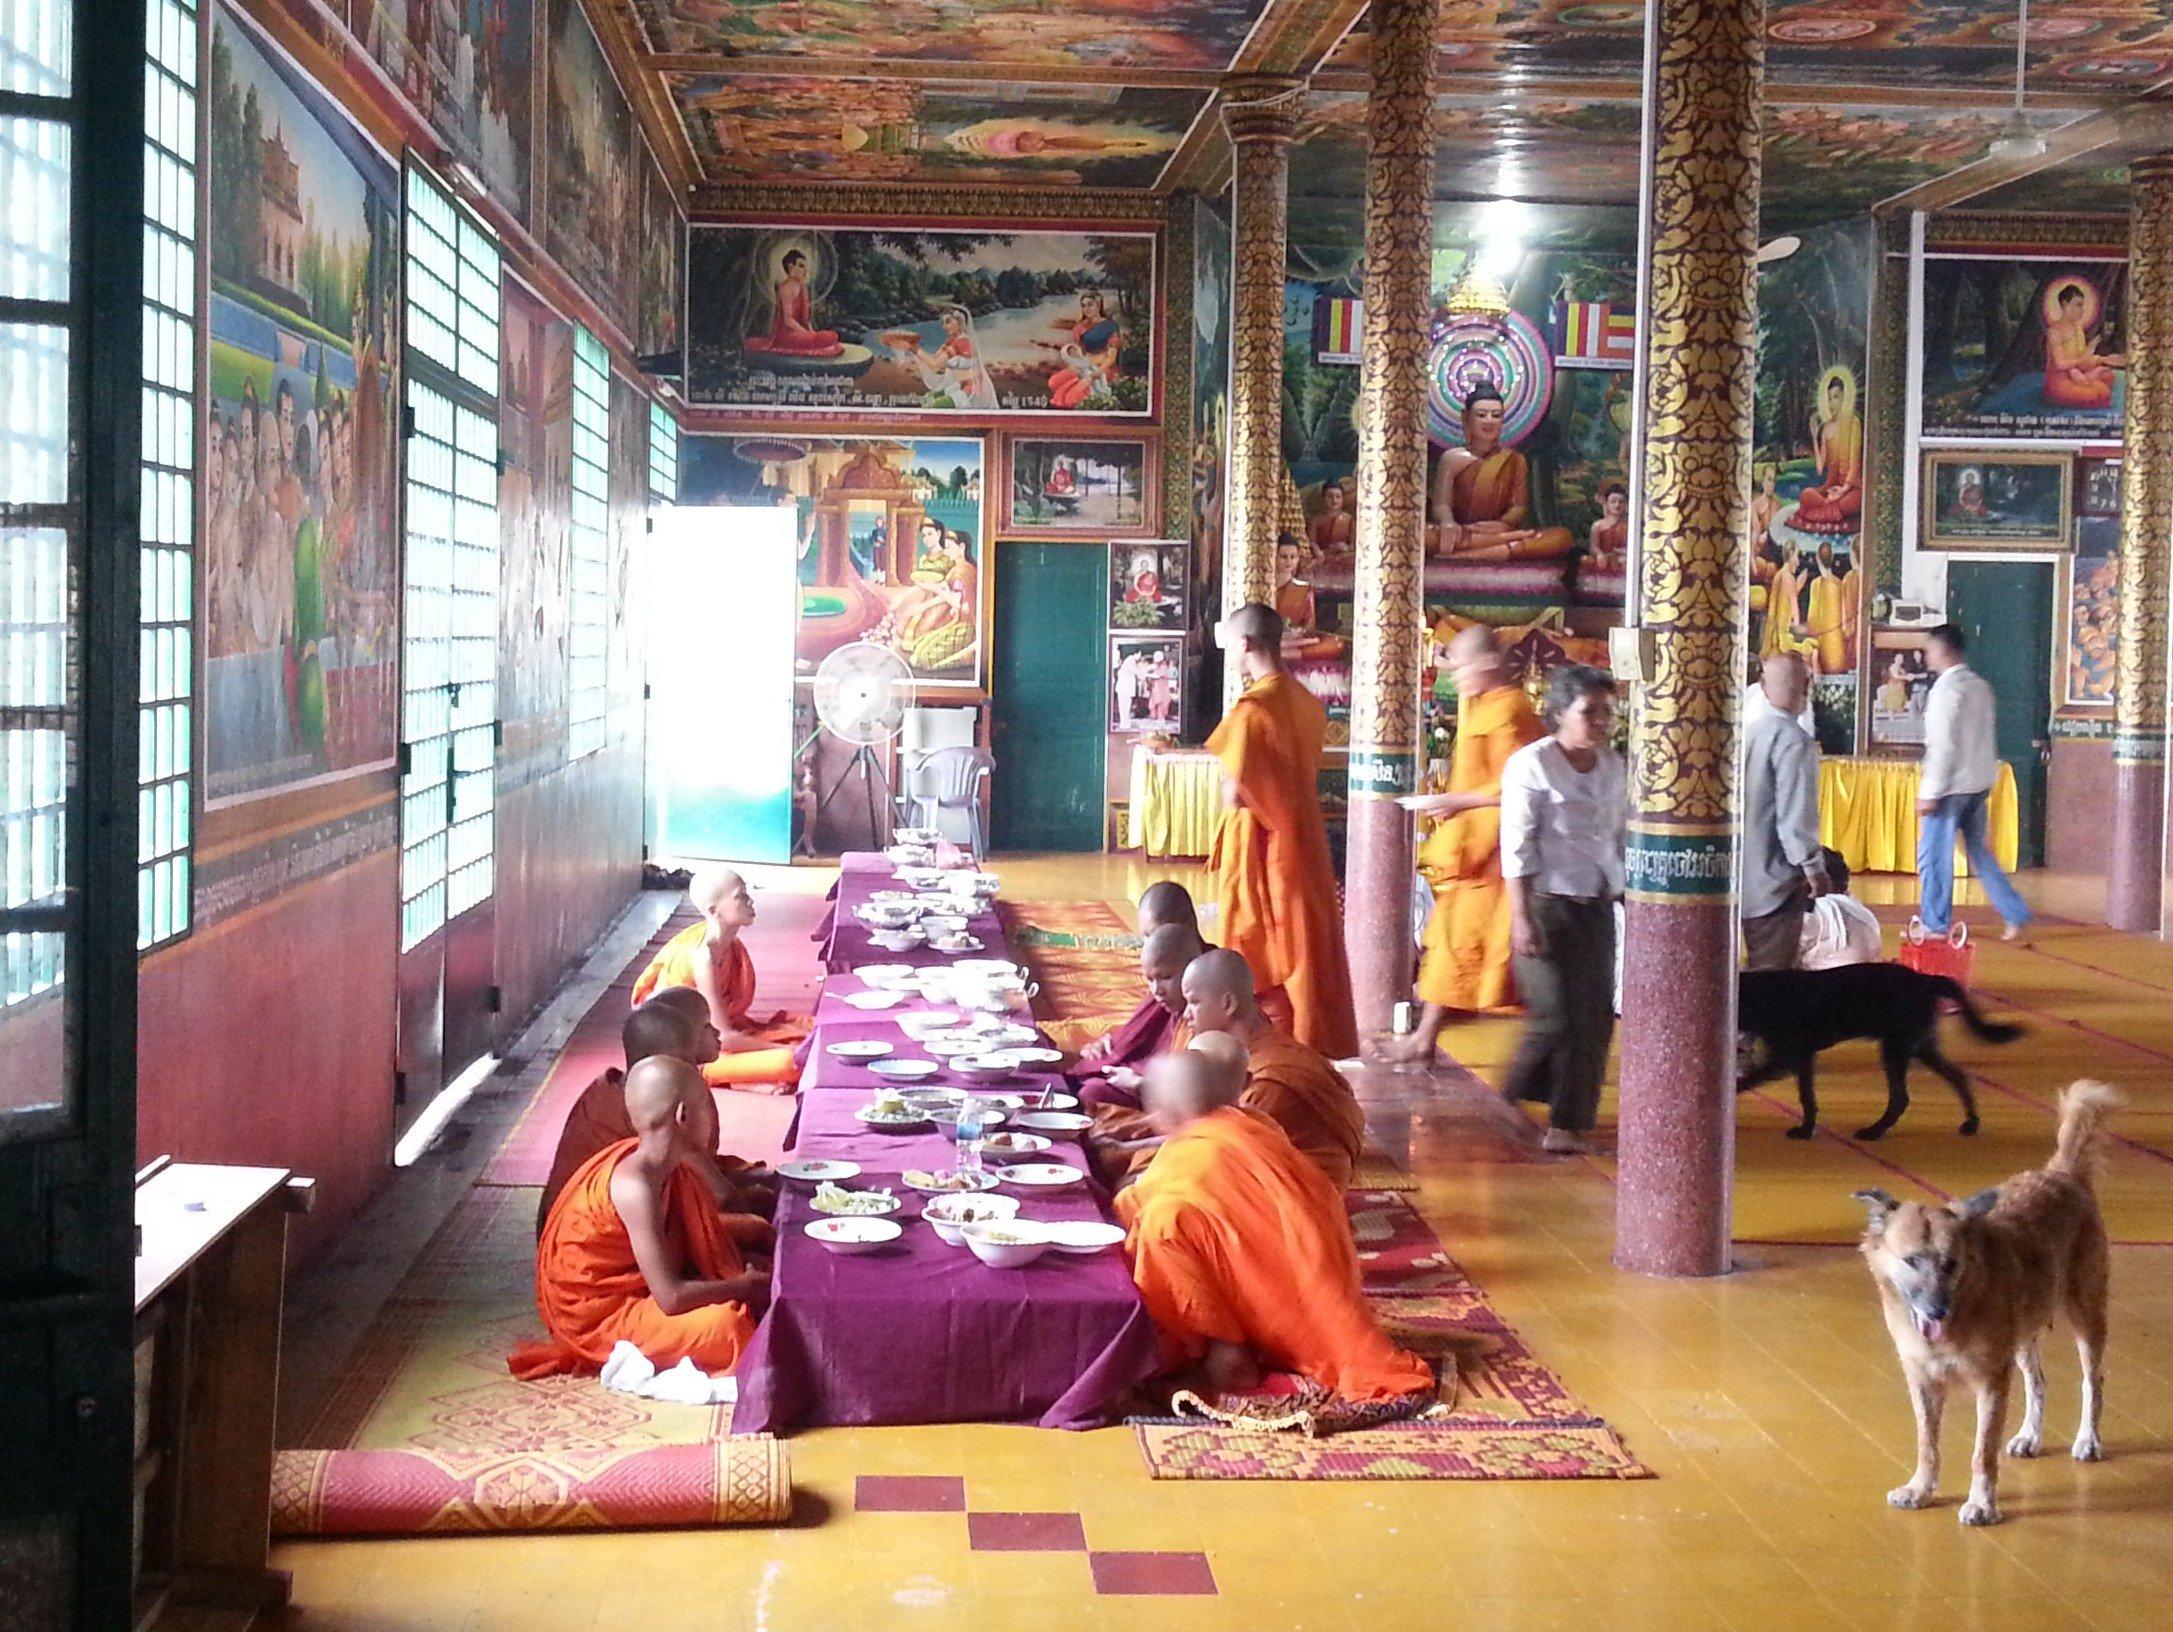 Monks at Wat Leu receiving alms